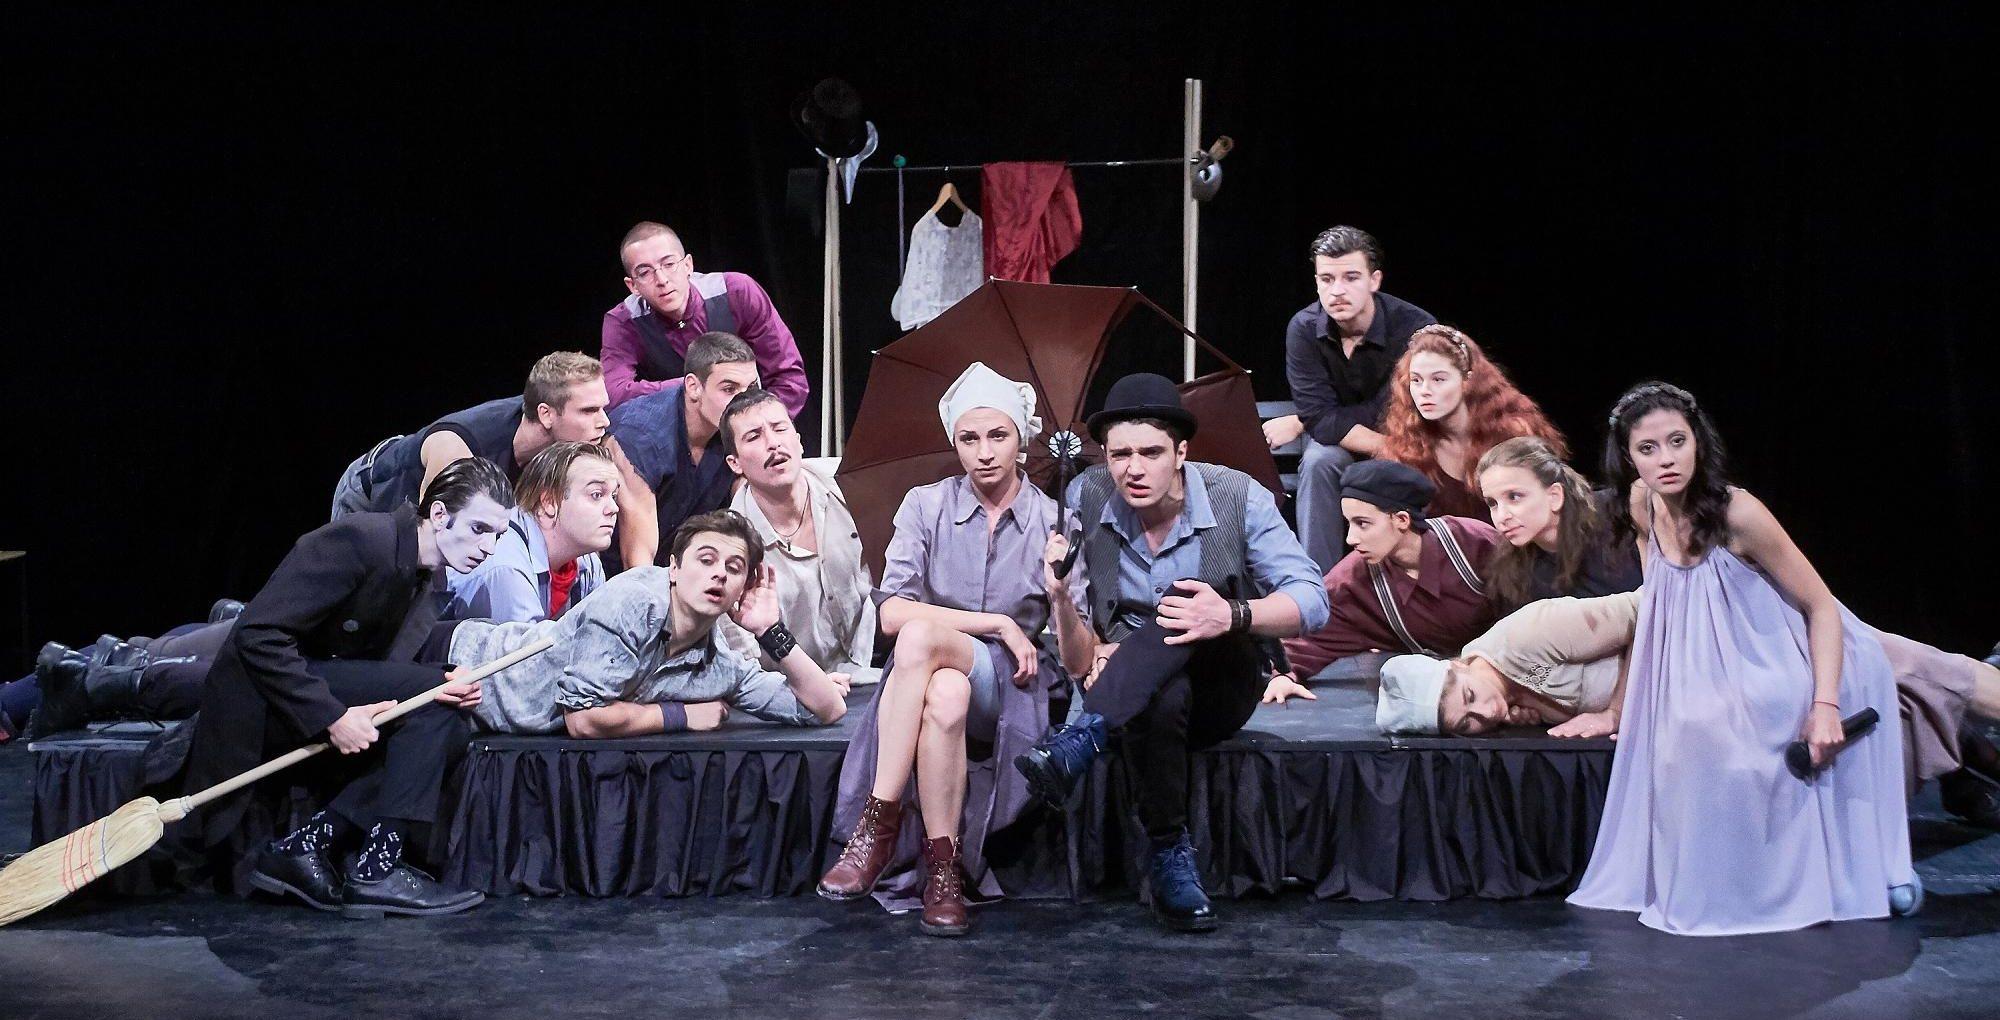 Международен фестивал на театралните училища ITSelF, Варшава, Полша – 7.10.2019